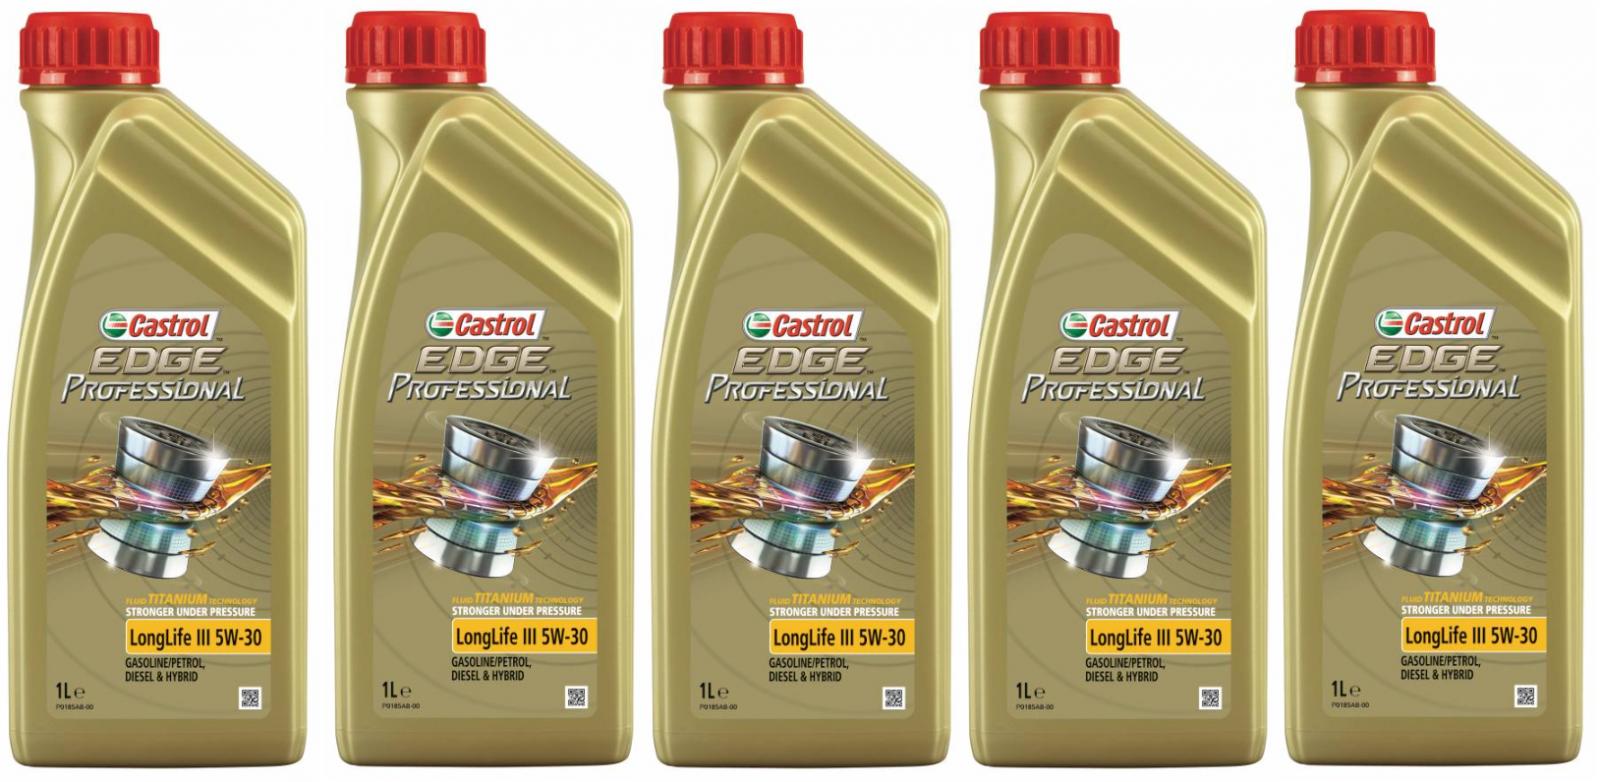 Castrol EDGE Titanium FST Professional Longlife III 5W-30 5L (5x1l)